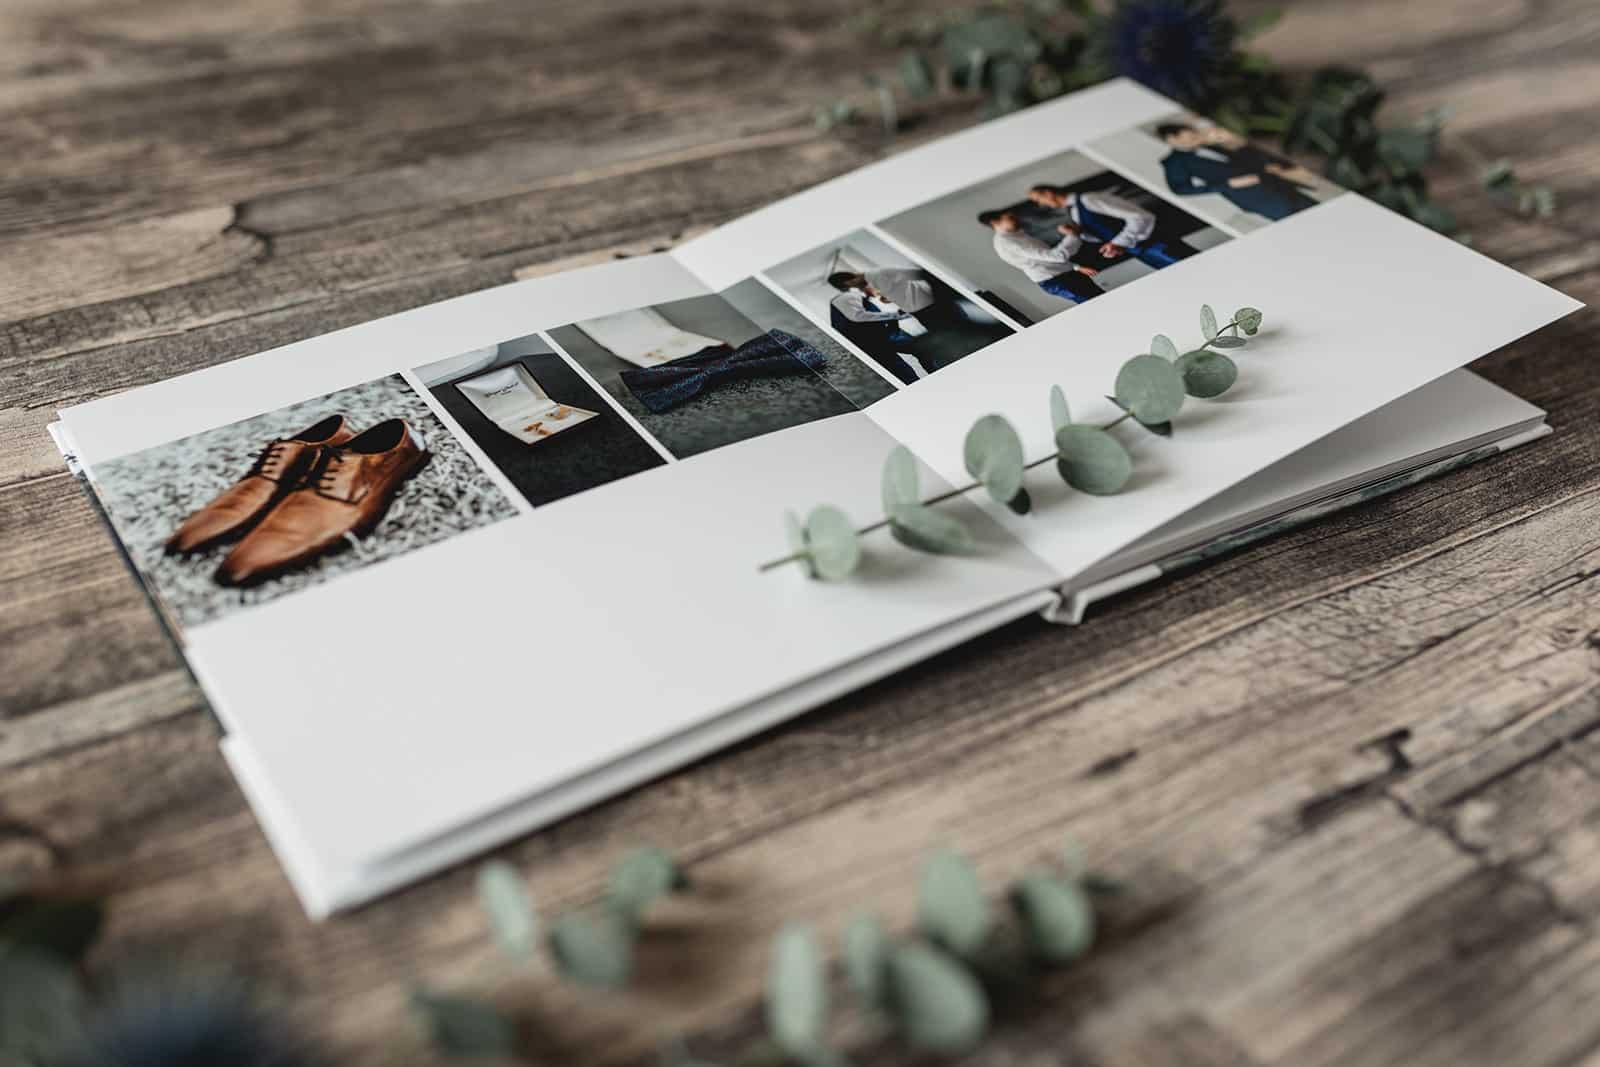 Tania-Flores-Hochzeitsfotografie-Hochzeitsbox-Hochzeitsalbum-5